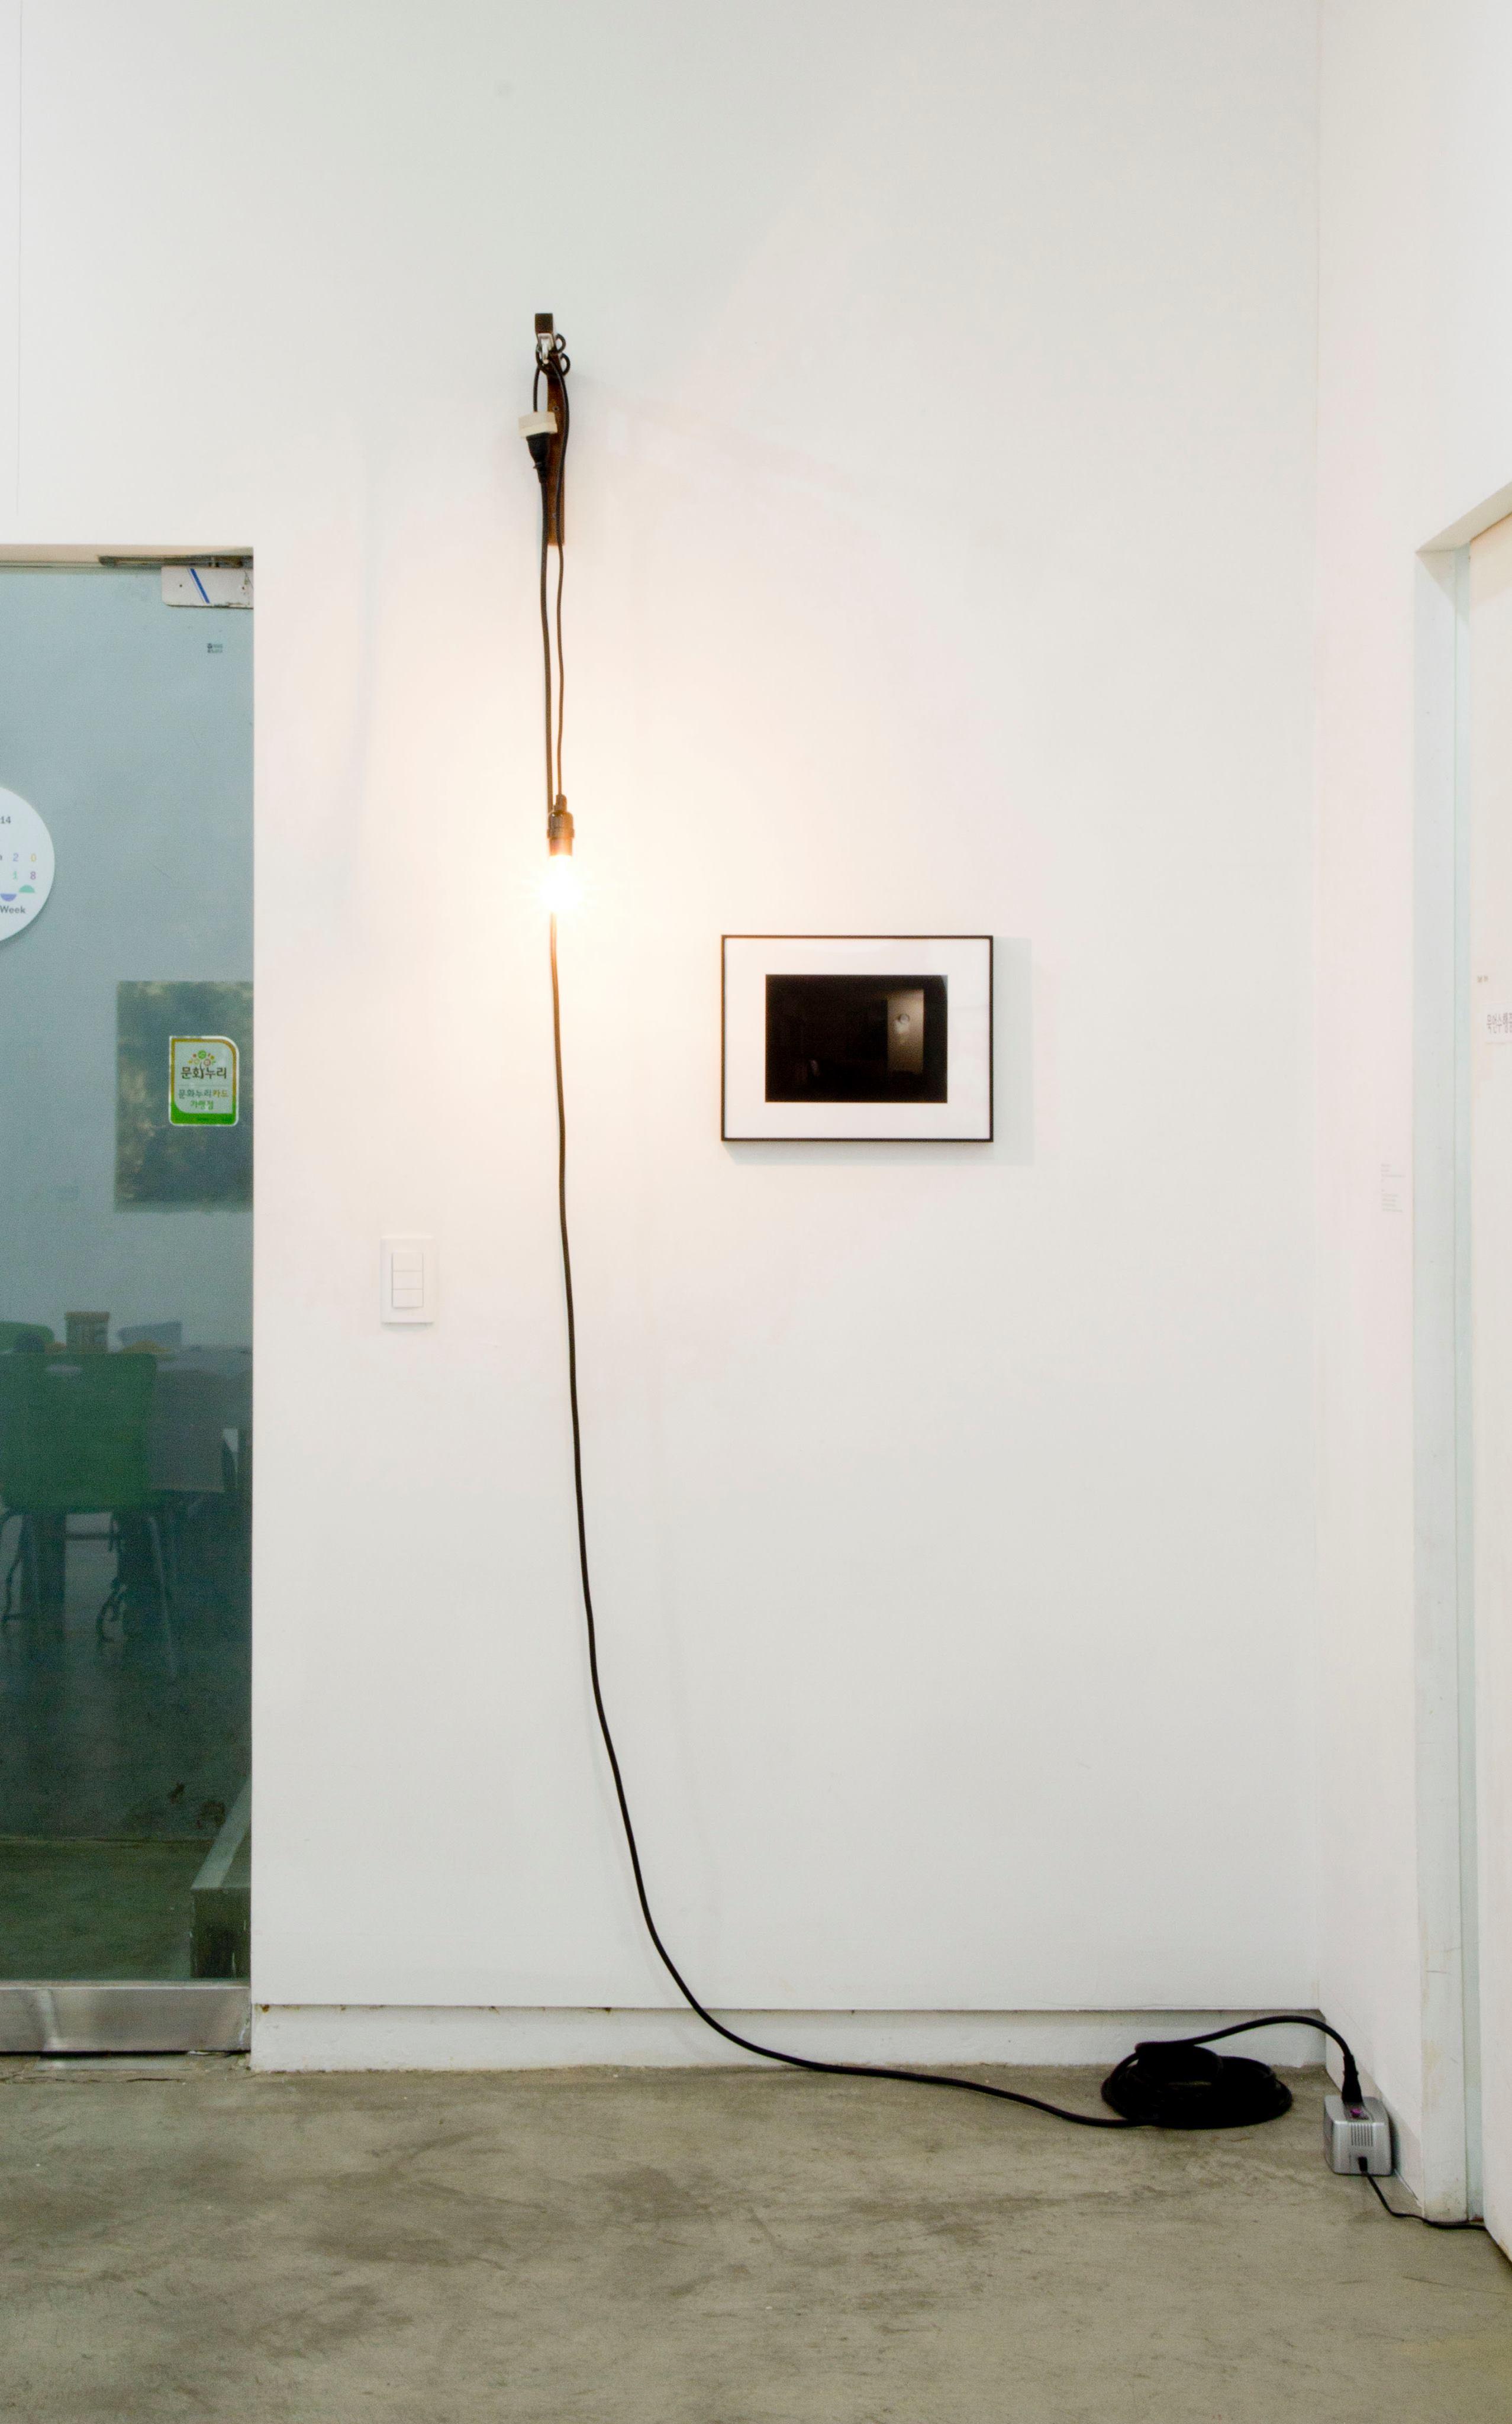 寺岡海《自宅の照明を離れた場所で点灯する》2018